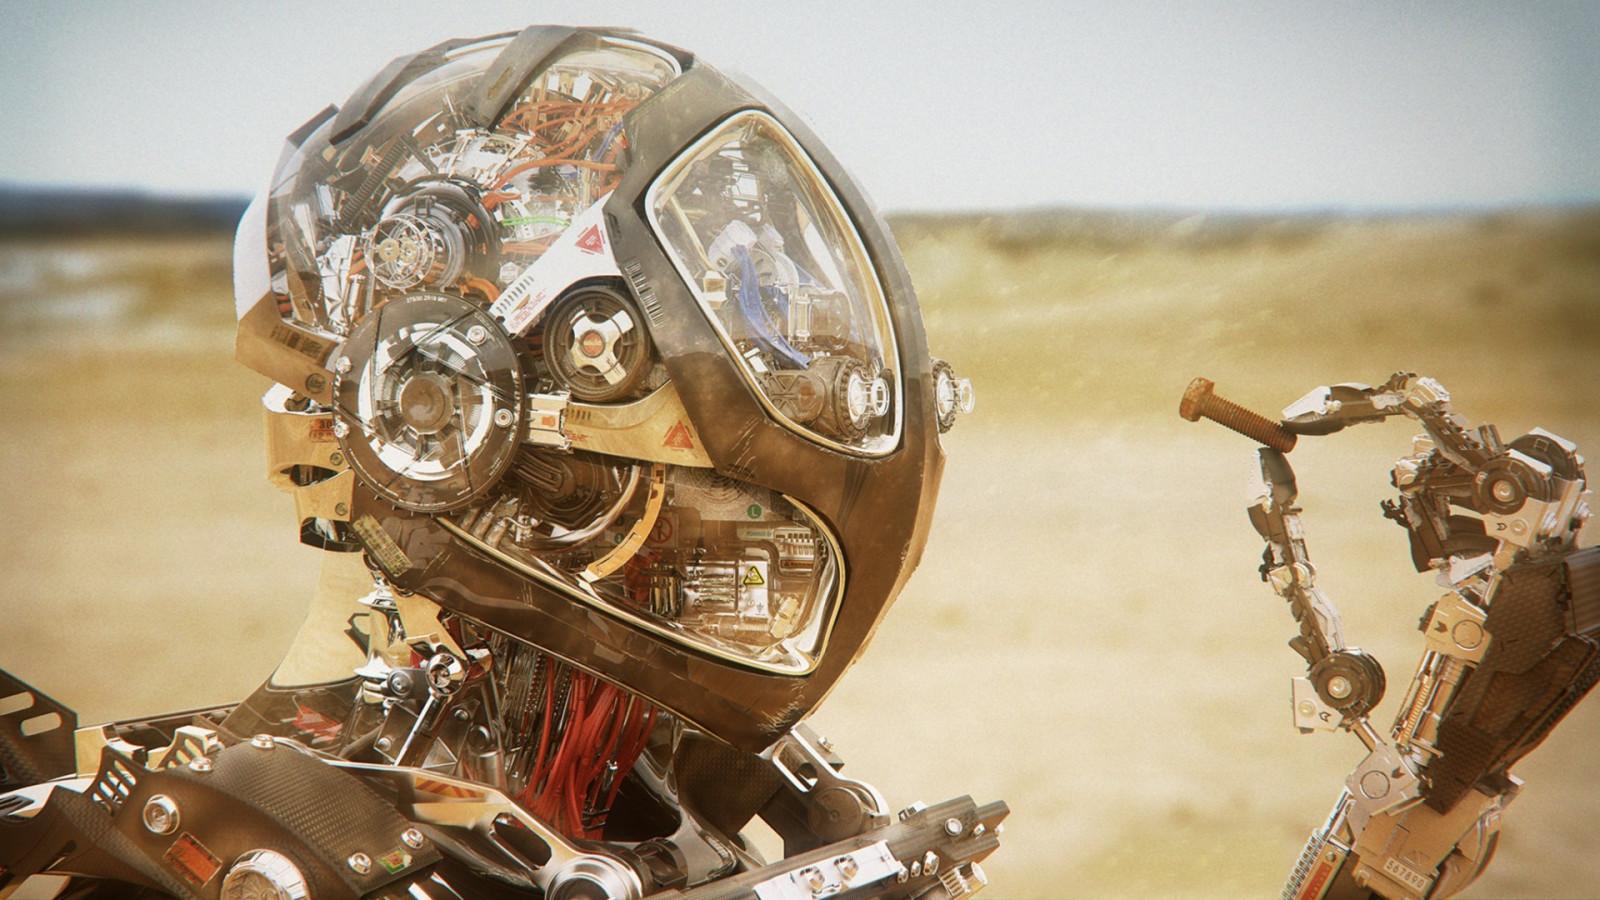 робот на мотоцикле картинки чтобы человек фото